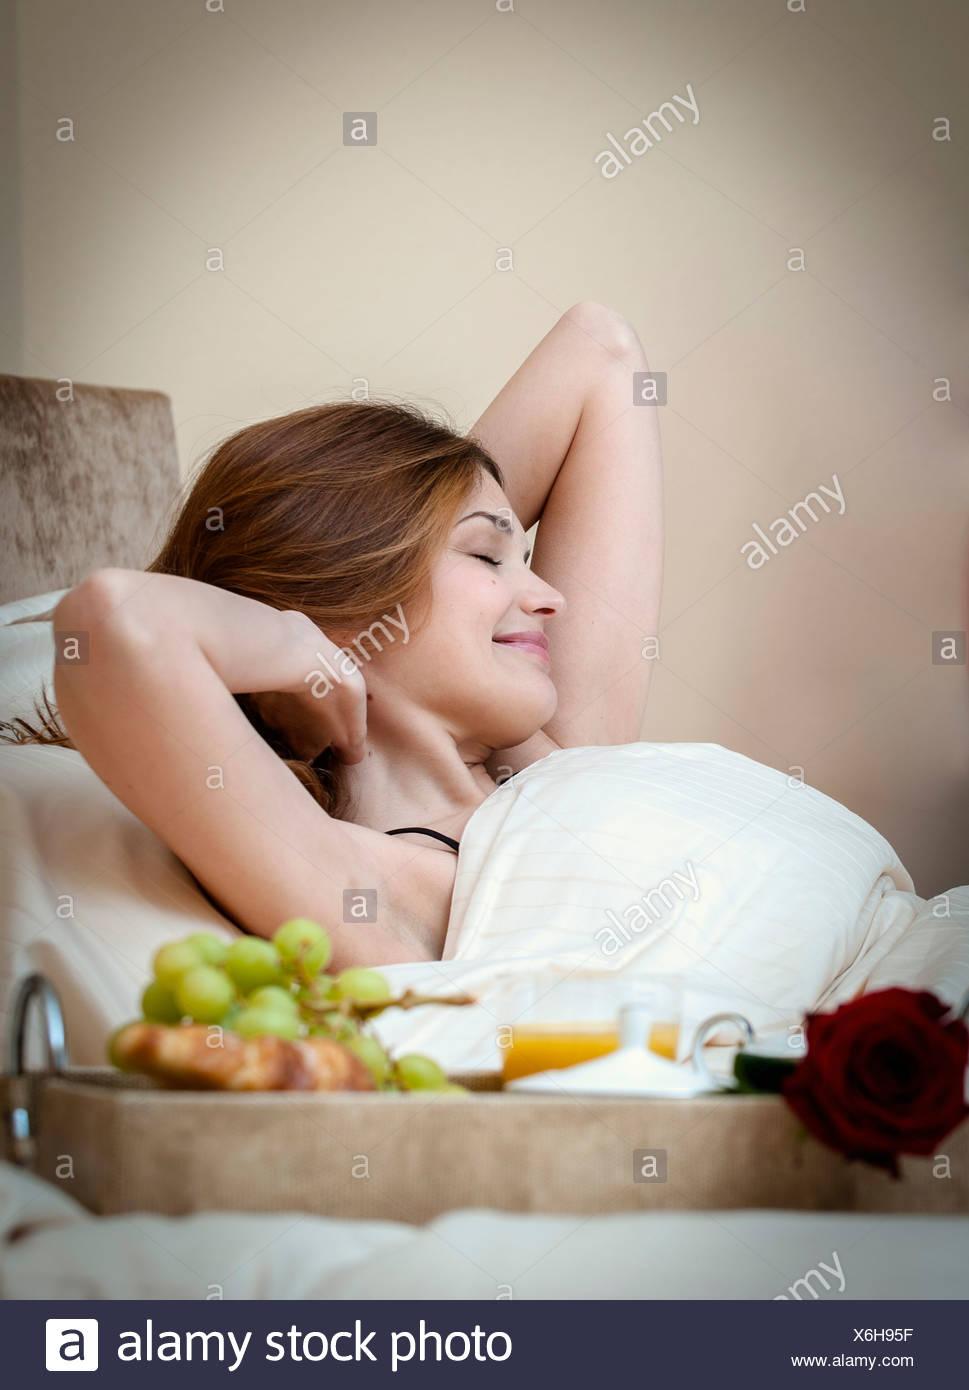 Femme Au Reveil femme un réveil au petit déjeuner au lit banque d'images, photo